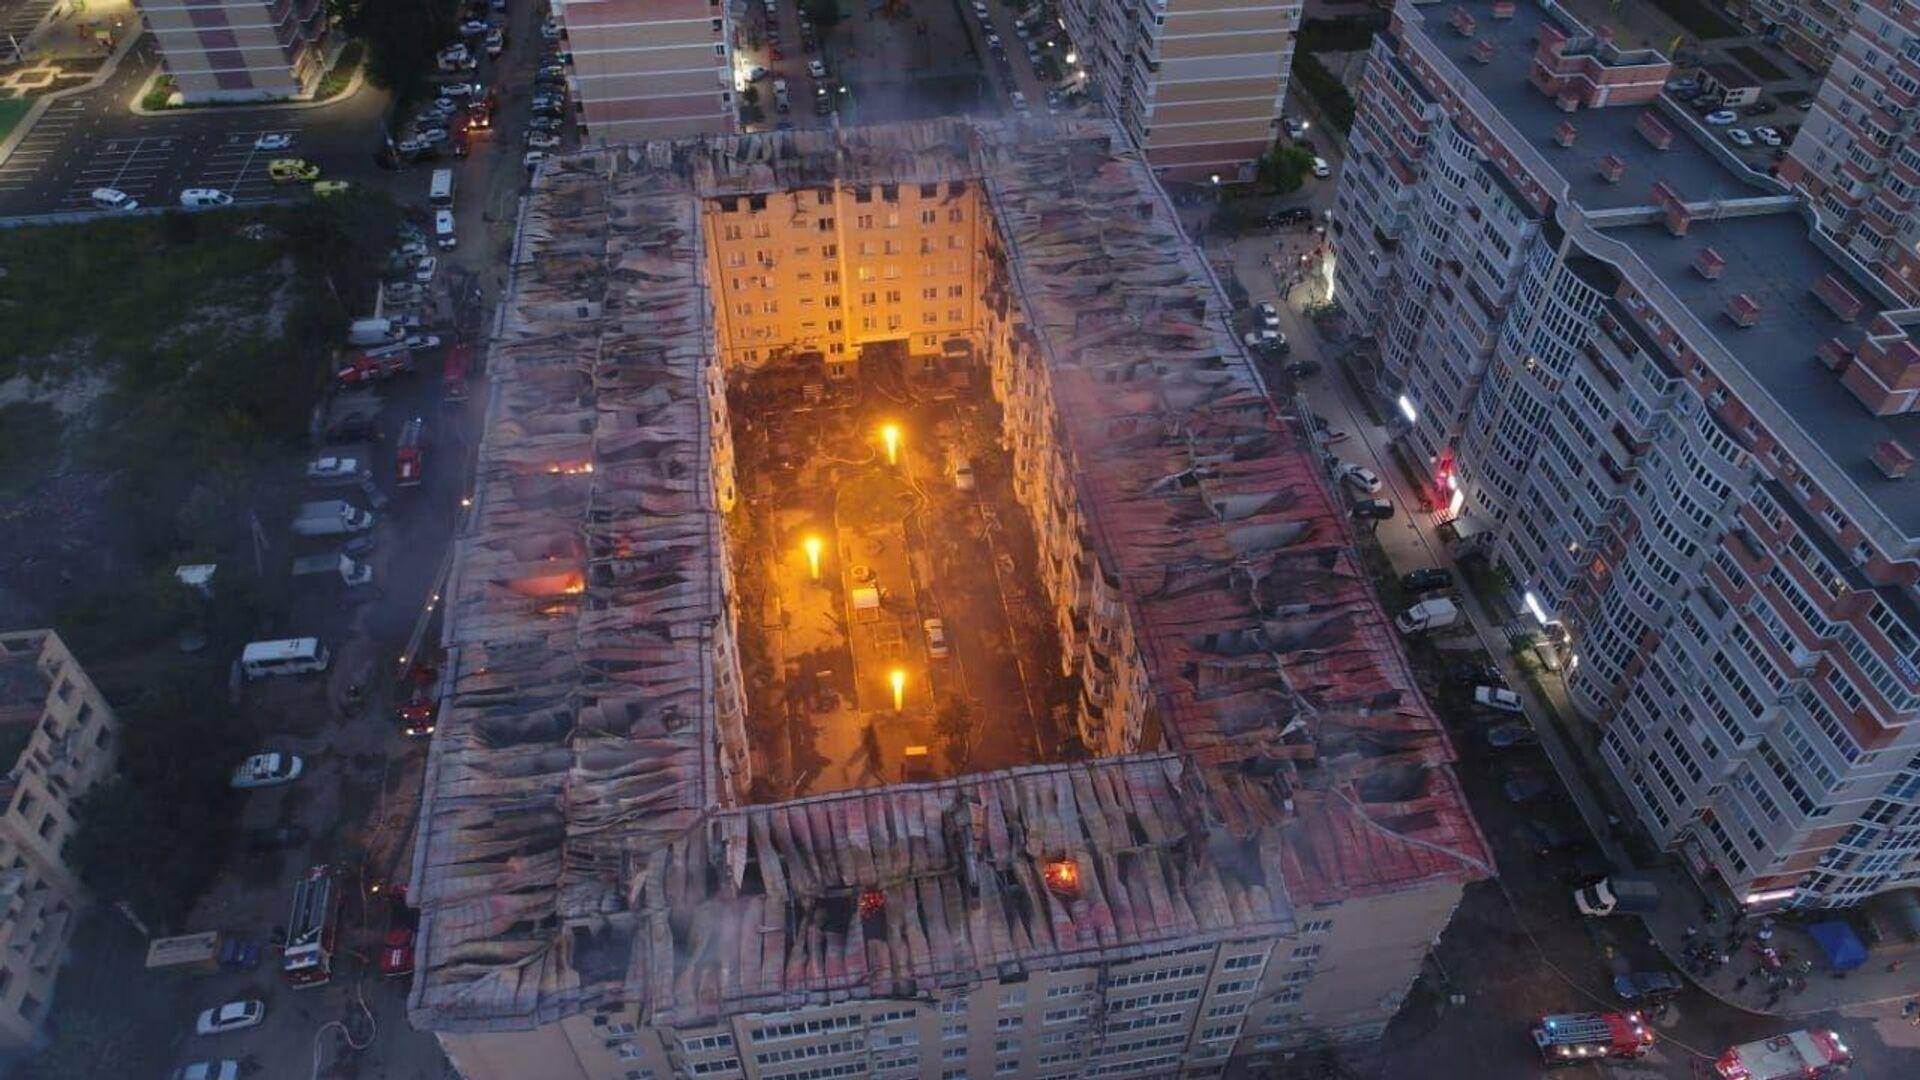 Ликвидация пожара в Краснодаре. 13 сентября 2020 - РИА Новости, 1920, 13.09.2020